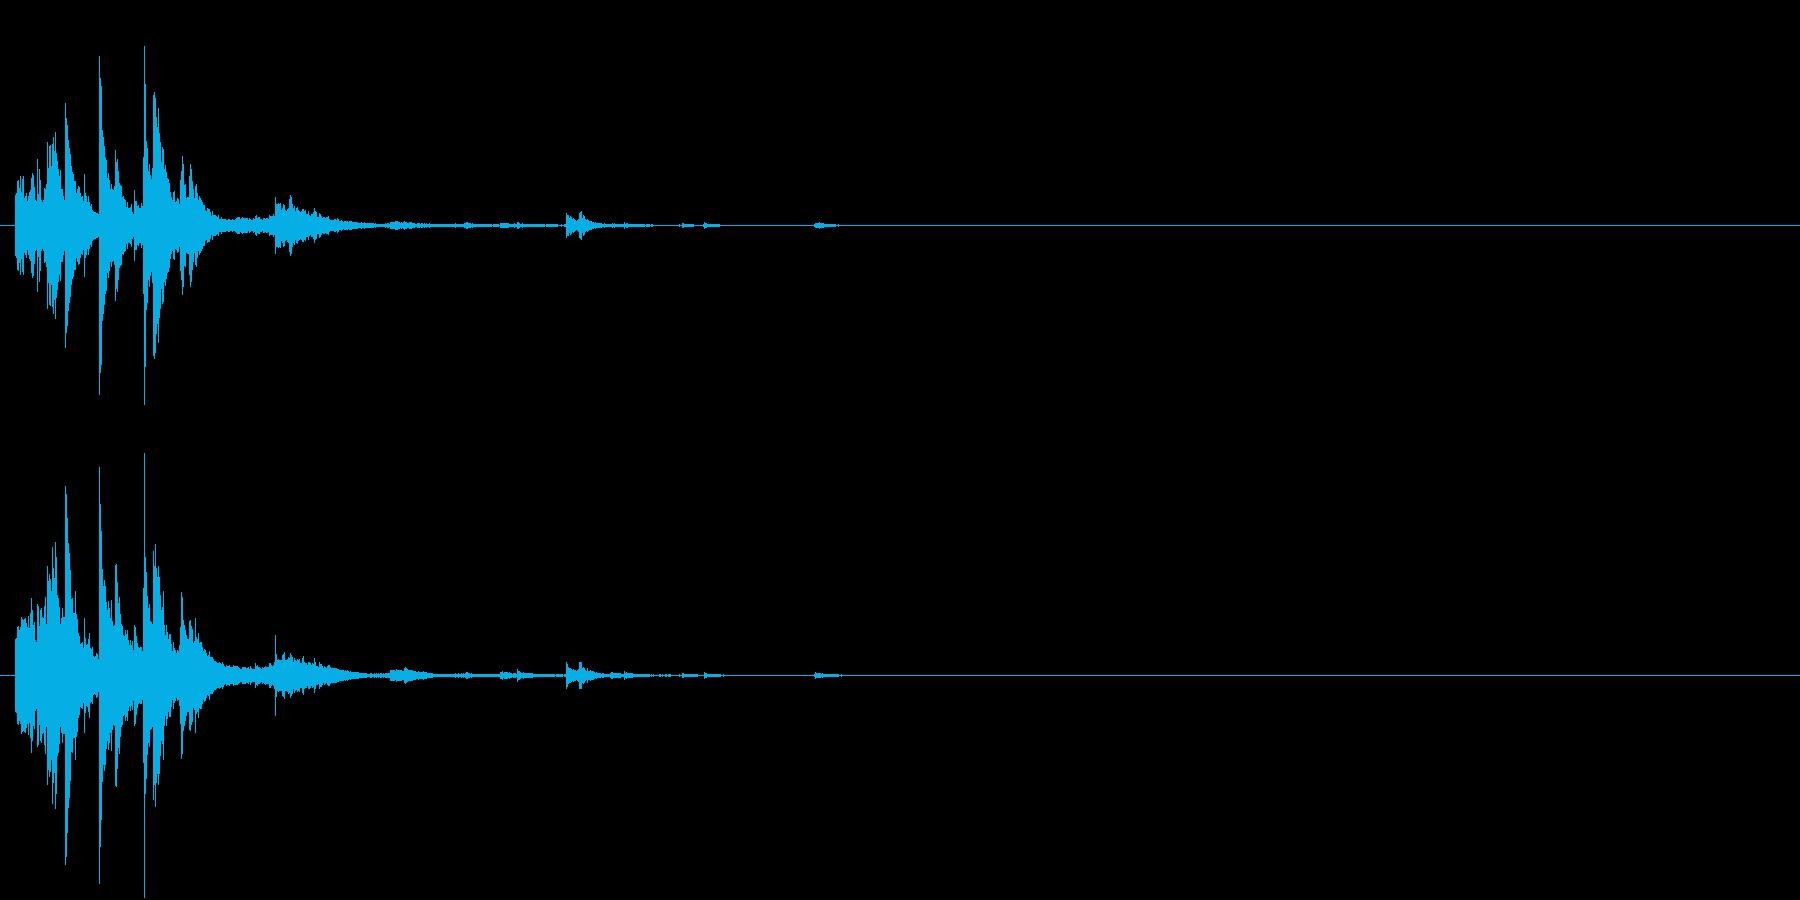 「シャシャーン」象徴的なソリベルの音6の再生済みの波形